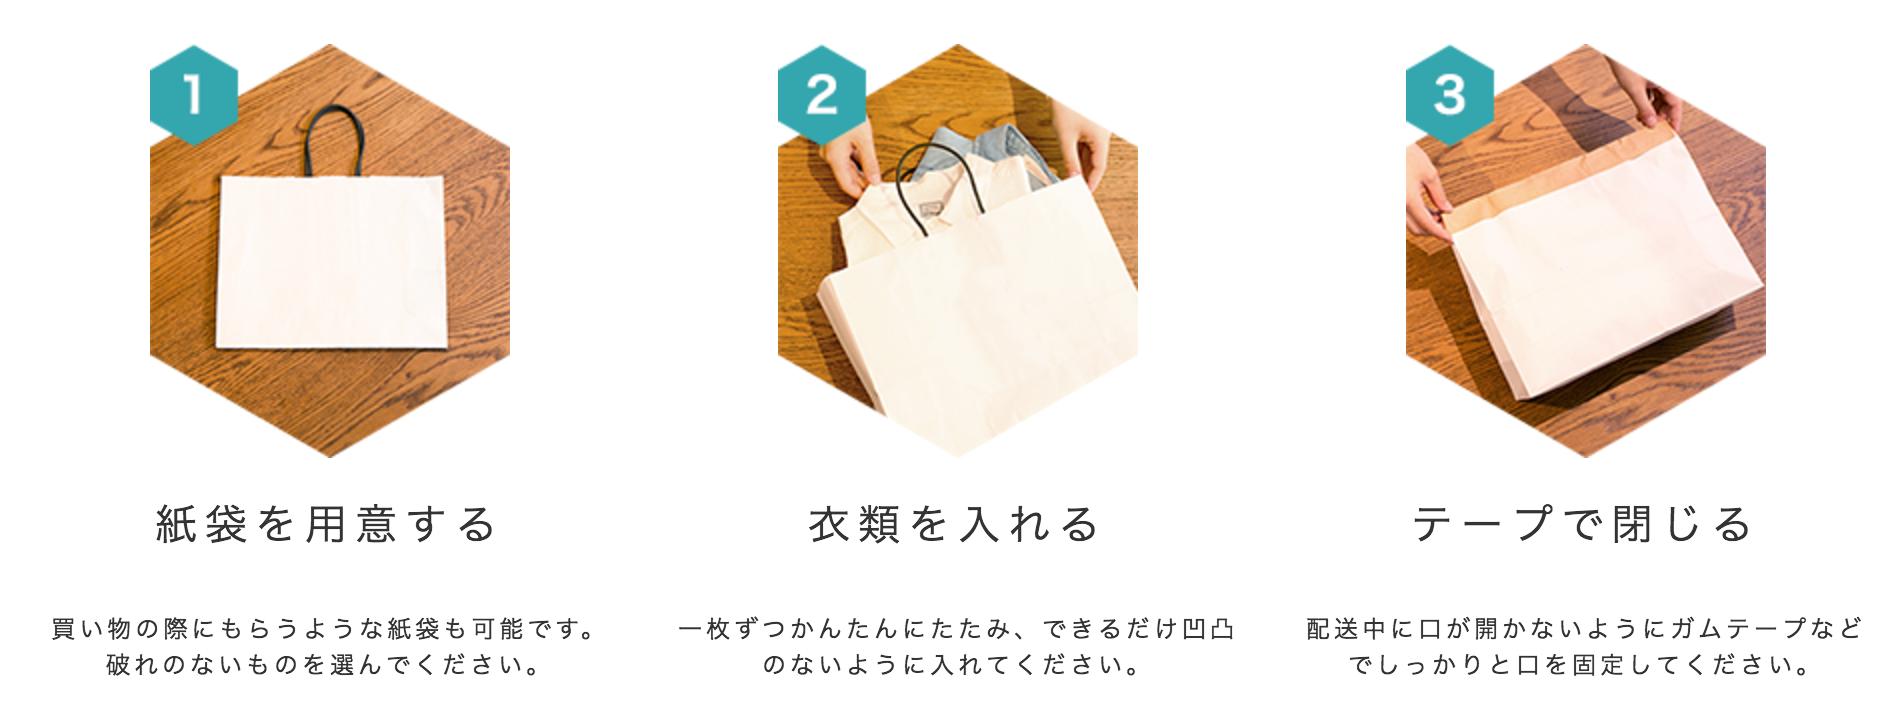 紙袋で梱包する方法